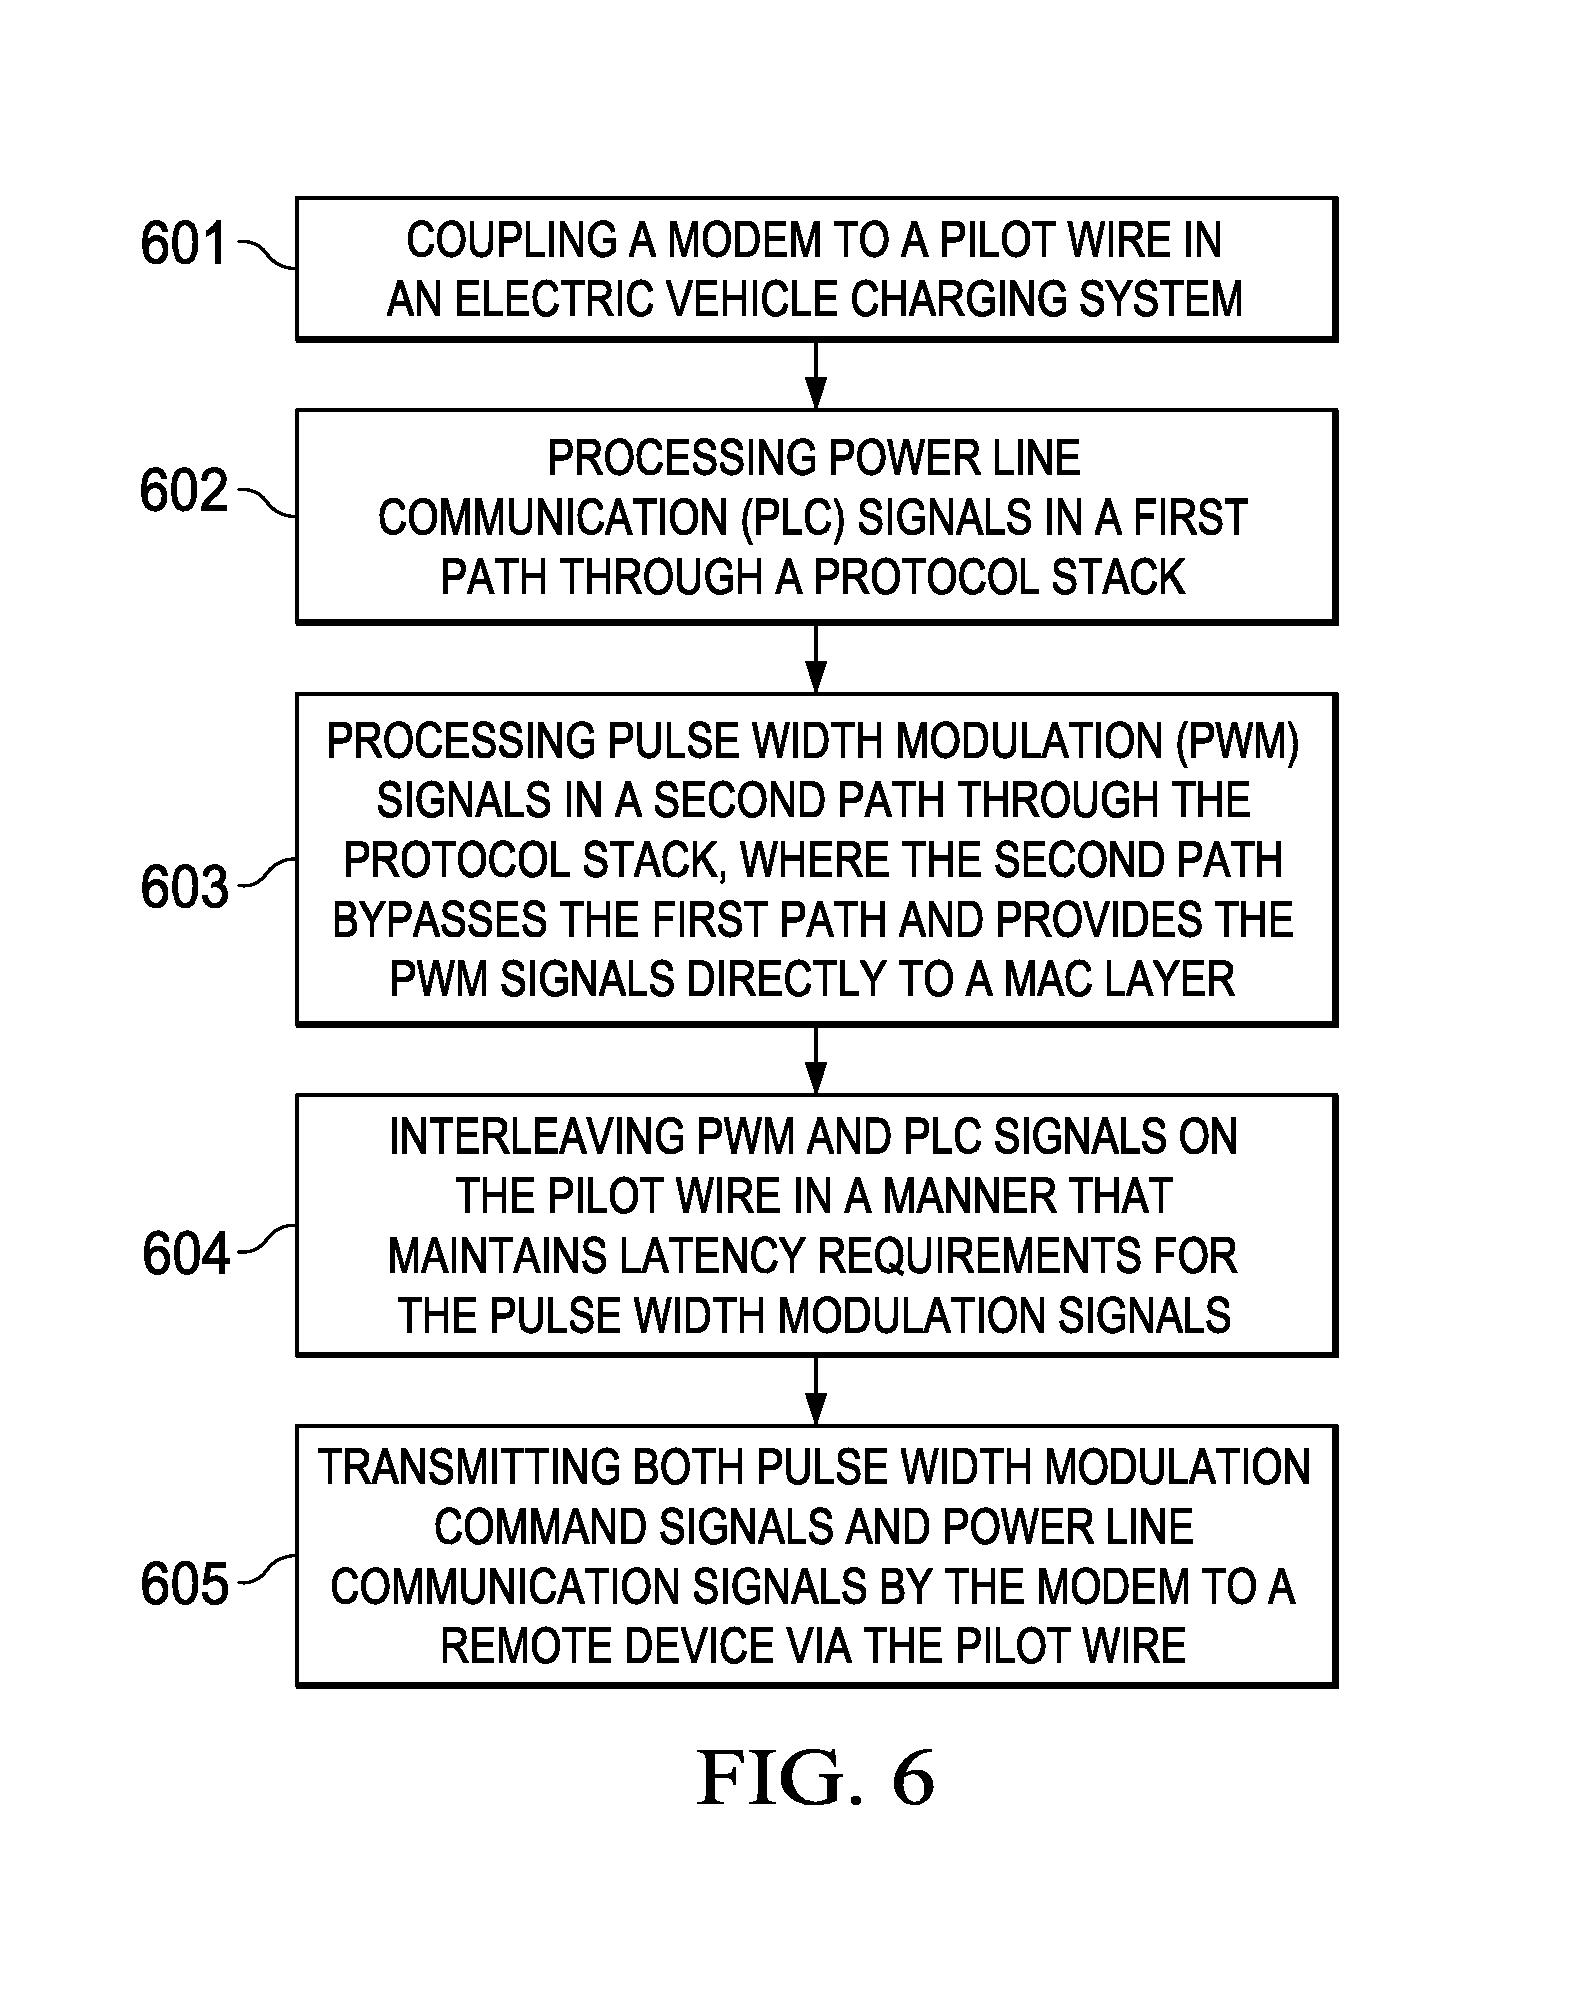 براءة الاختراع US20130094552 - Communication on a Pilot Wire ...